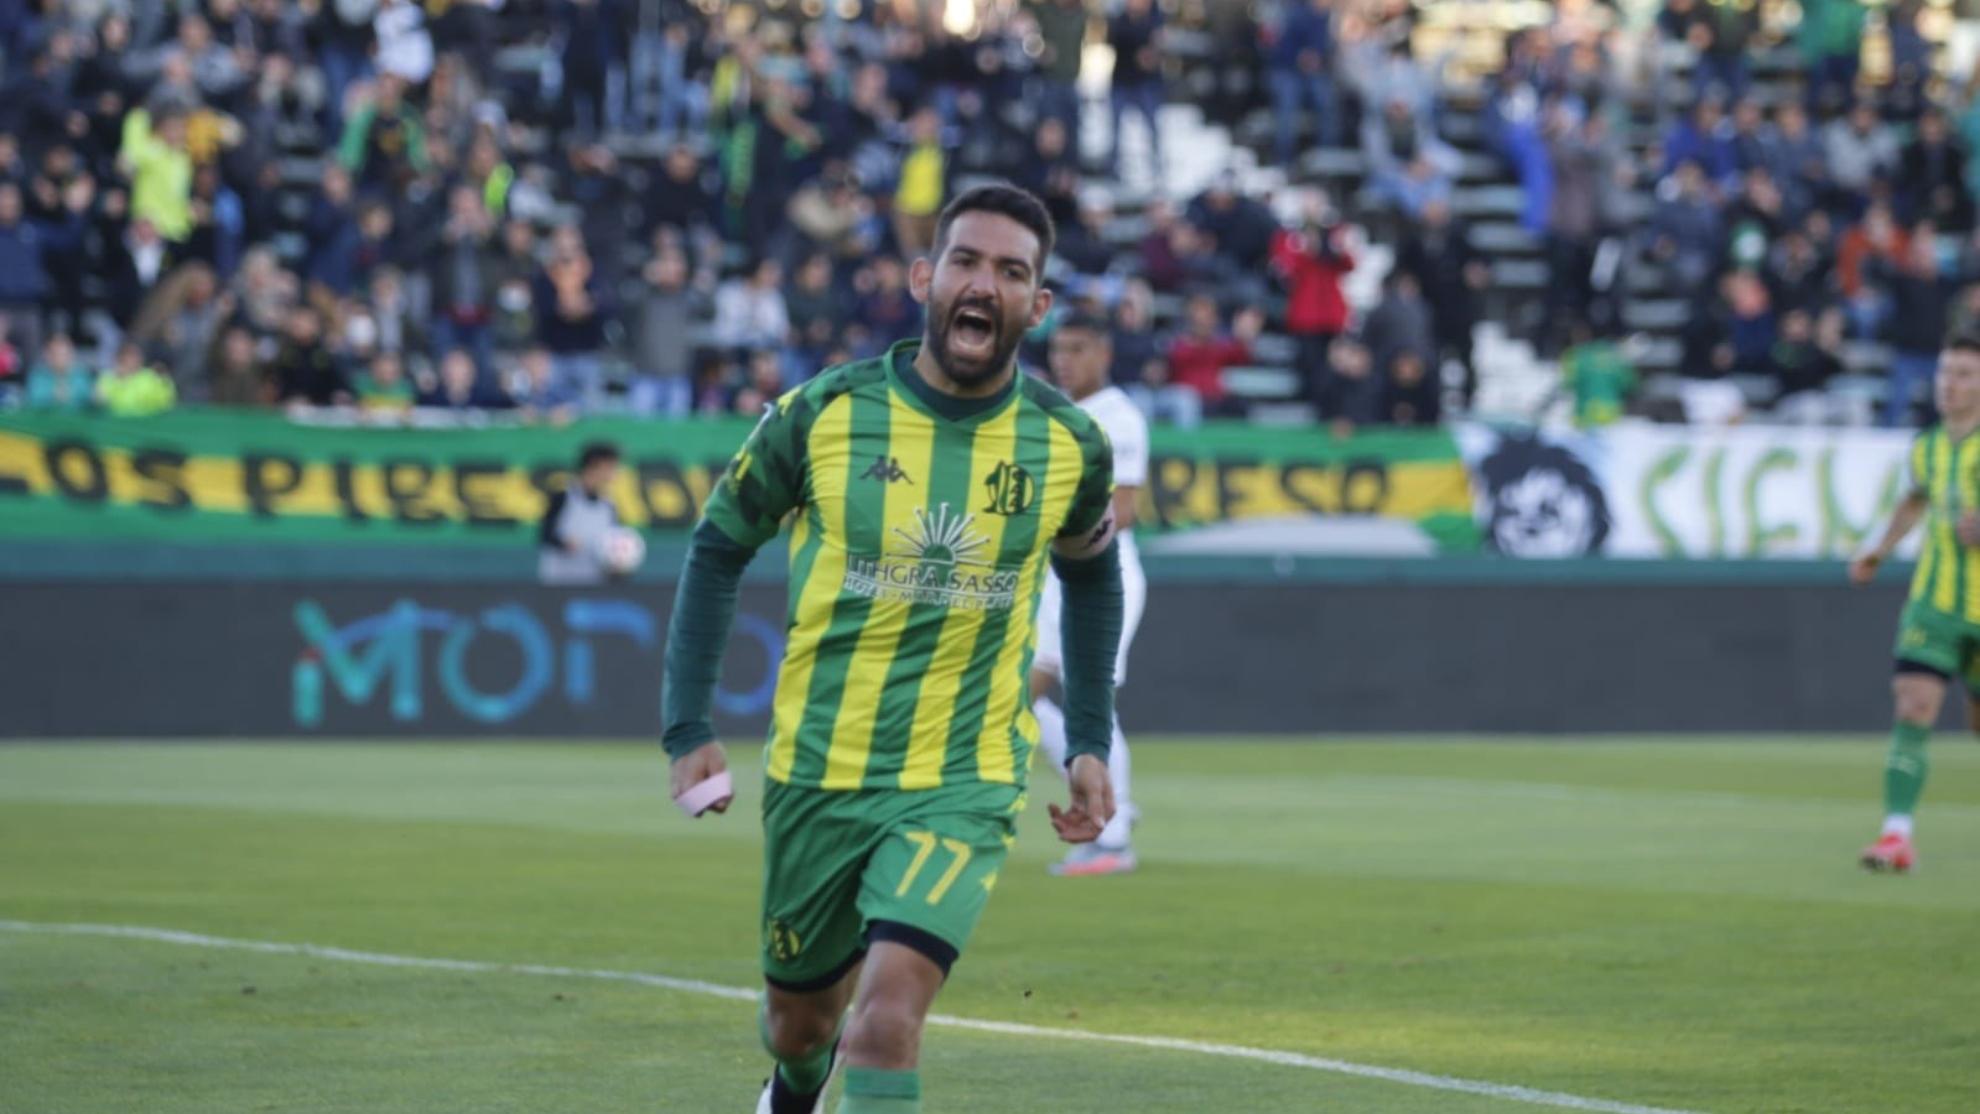 Martín Cauteruccio gita el gol de la victoria